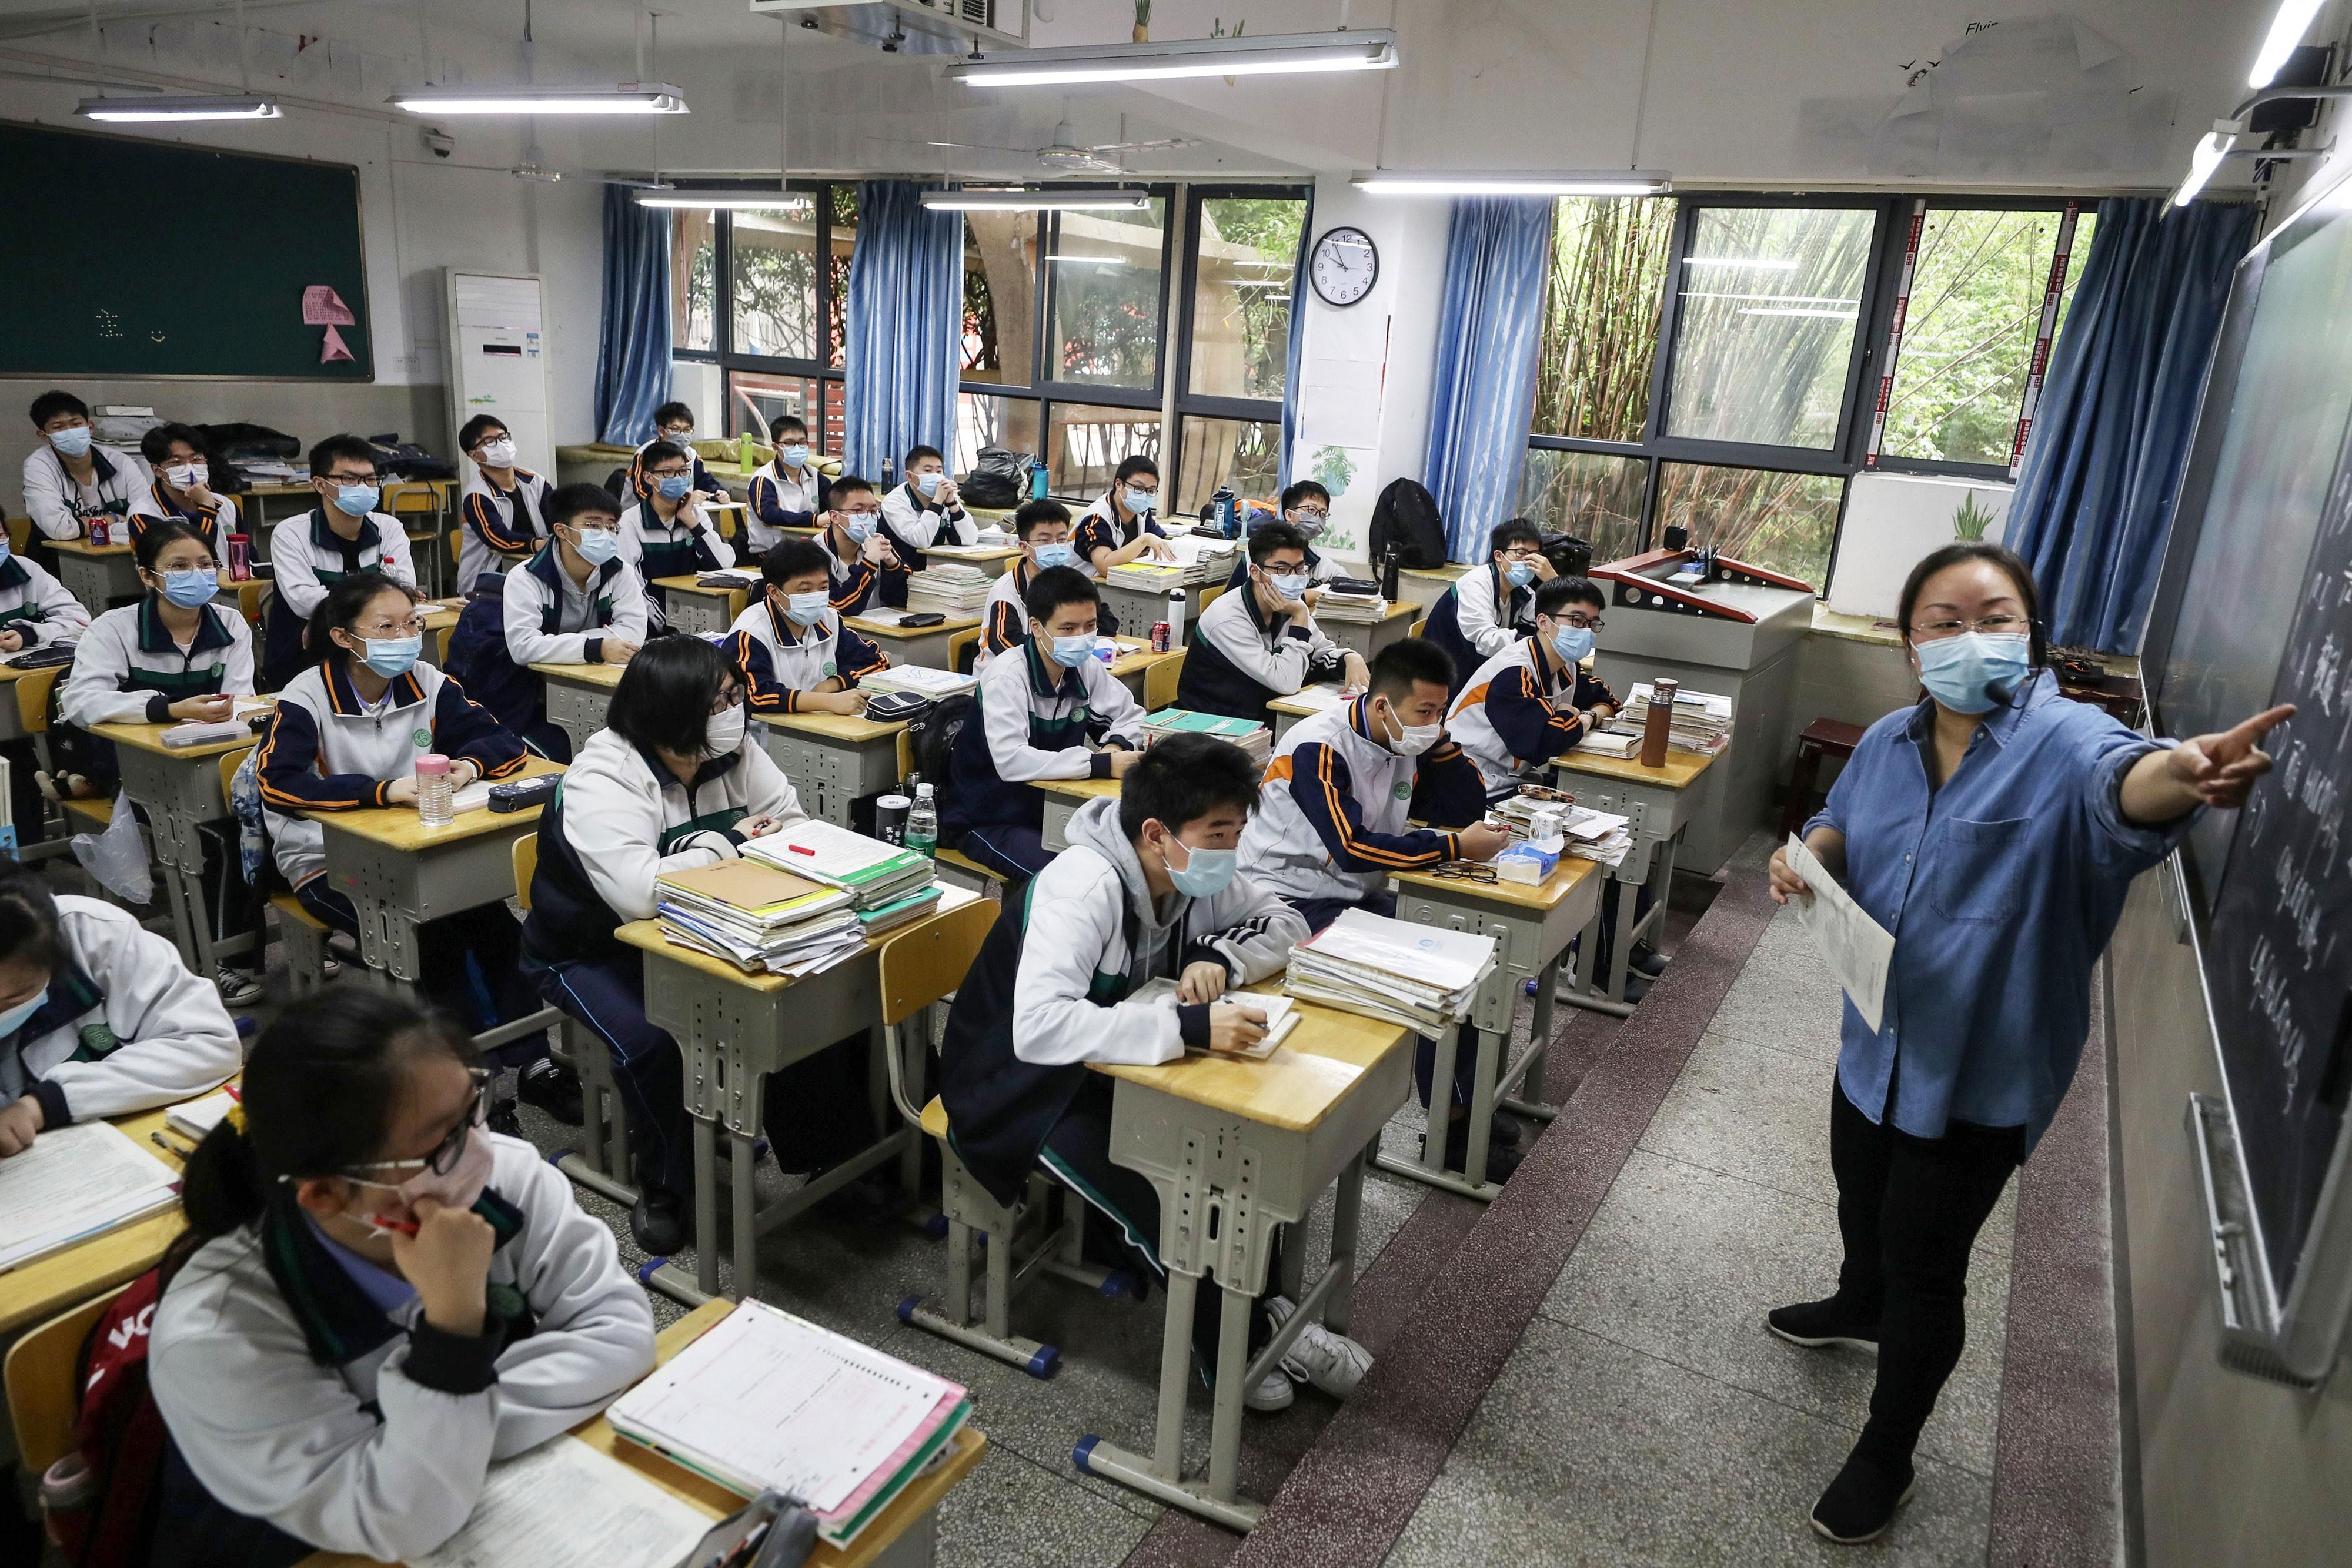 Volta às aulas após quarentena: veja 10 medidas adotadas em 7 países para a retomada do ensino